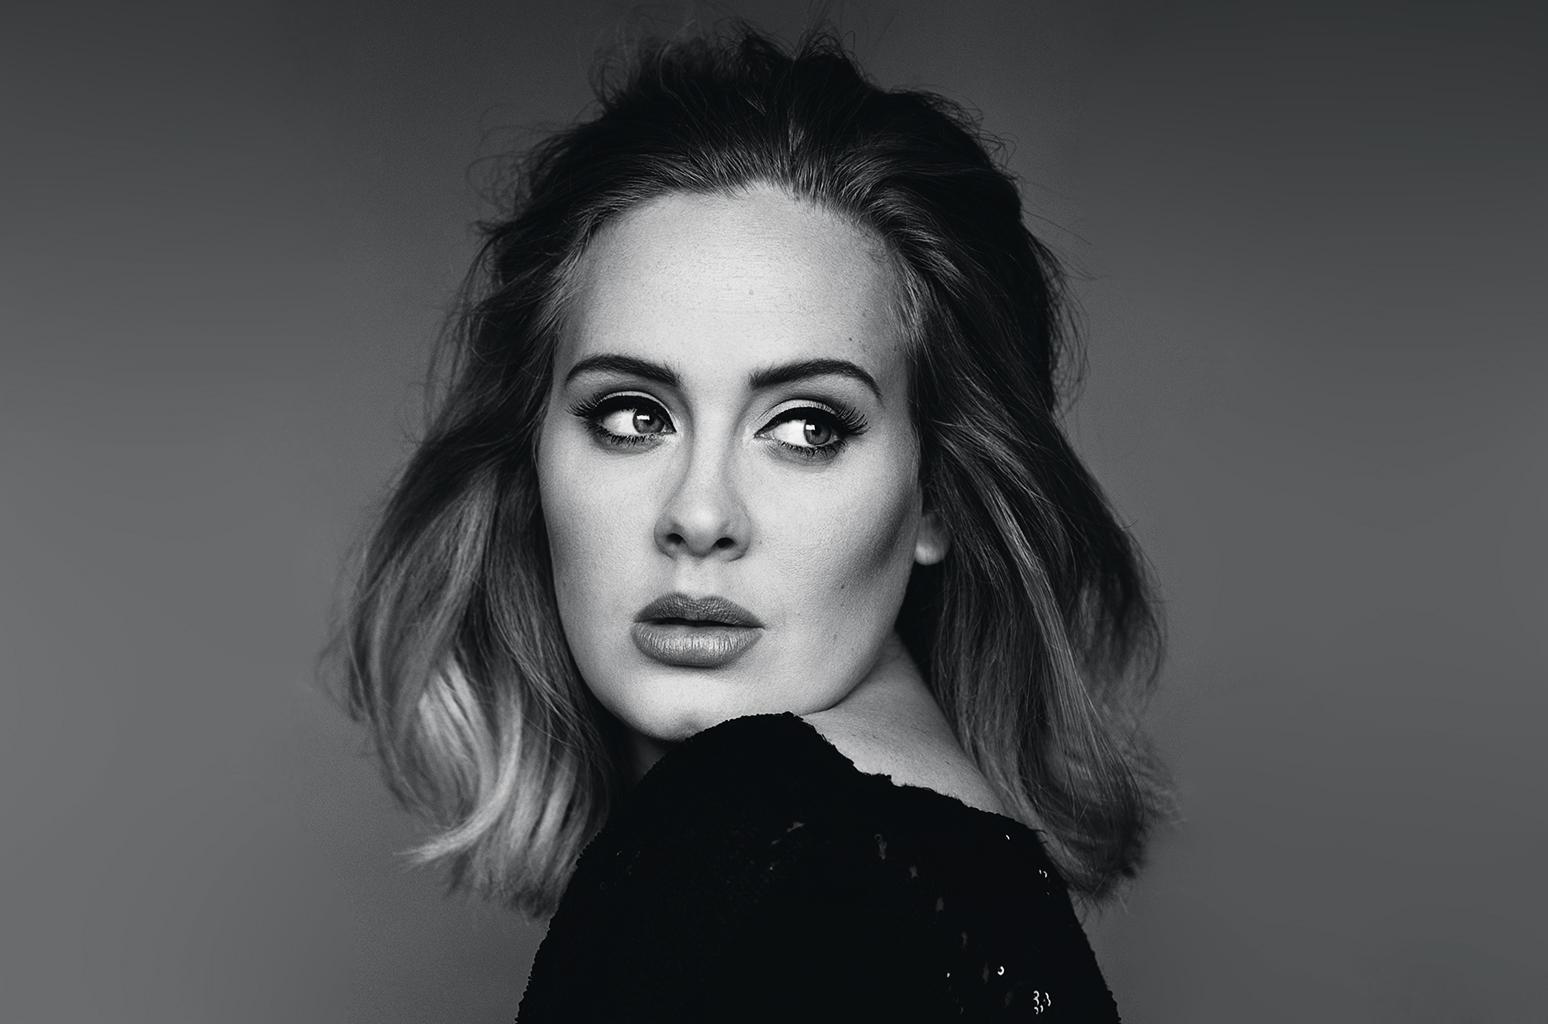 Adele(アデル)の人気曲ランキングTOP20・おすすめ曲7選まとめ